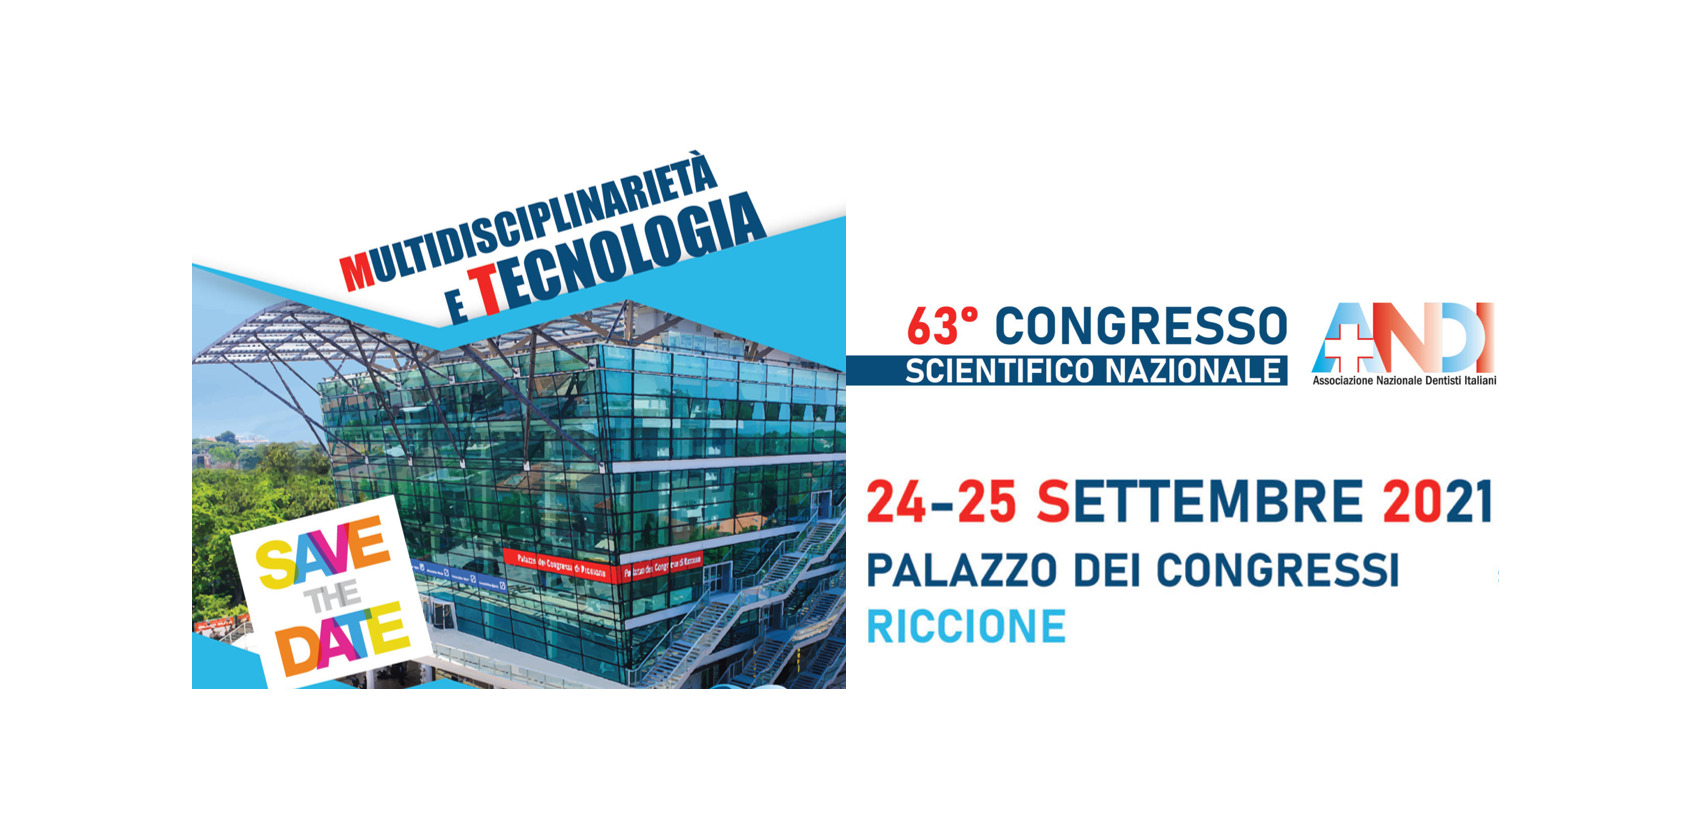 congresso sett 2021 ANDI Congresso Scientifico Nazionale ANDI – 24 e 25 settembre 2021 Palazzo dei Congressi di Riccione